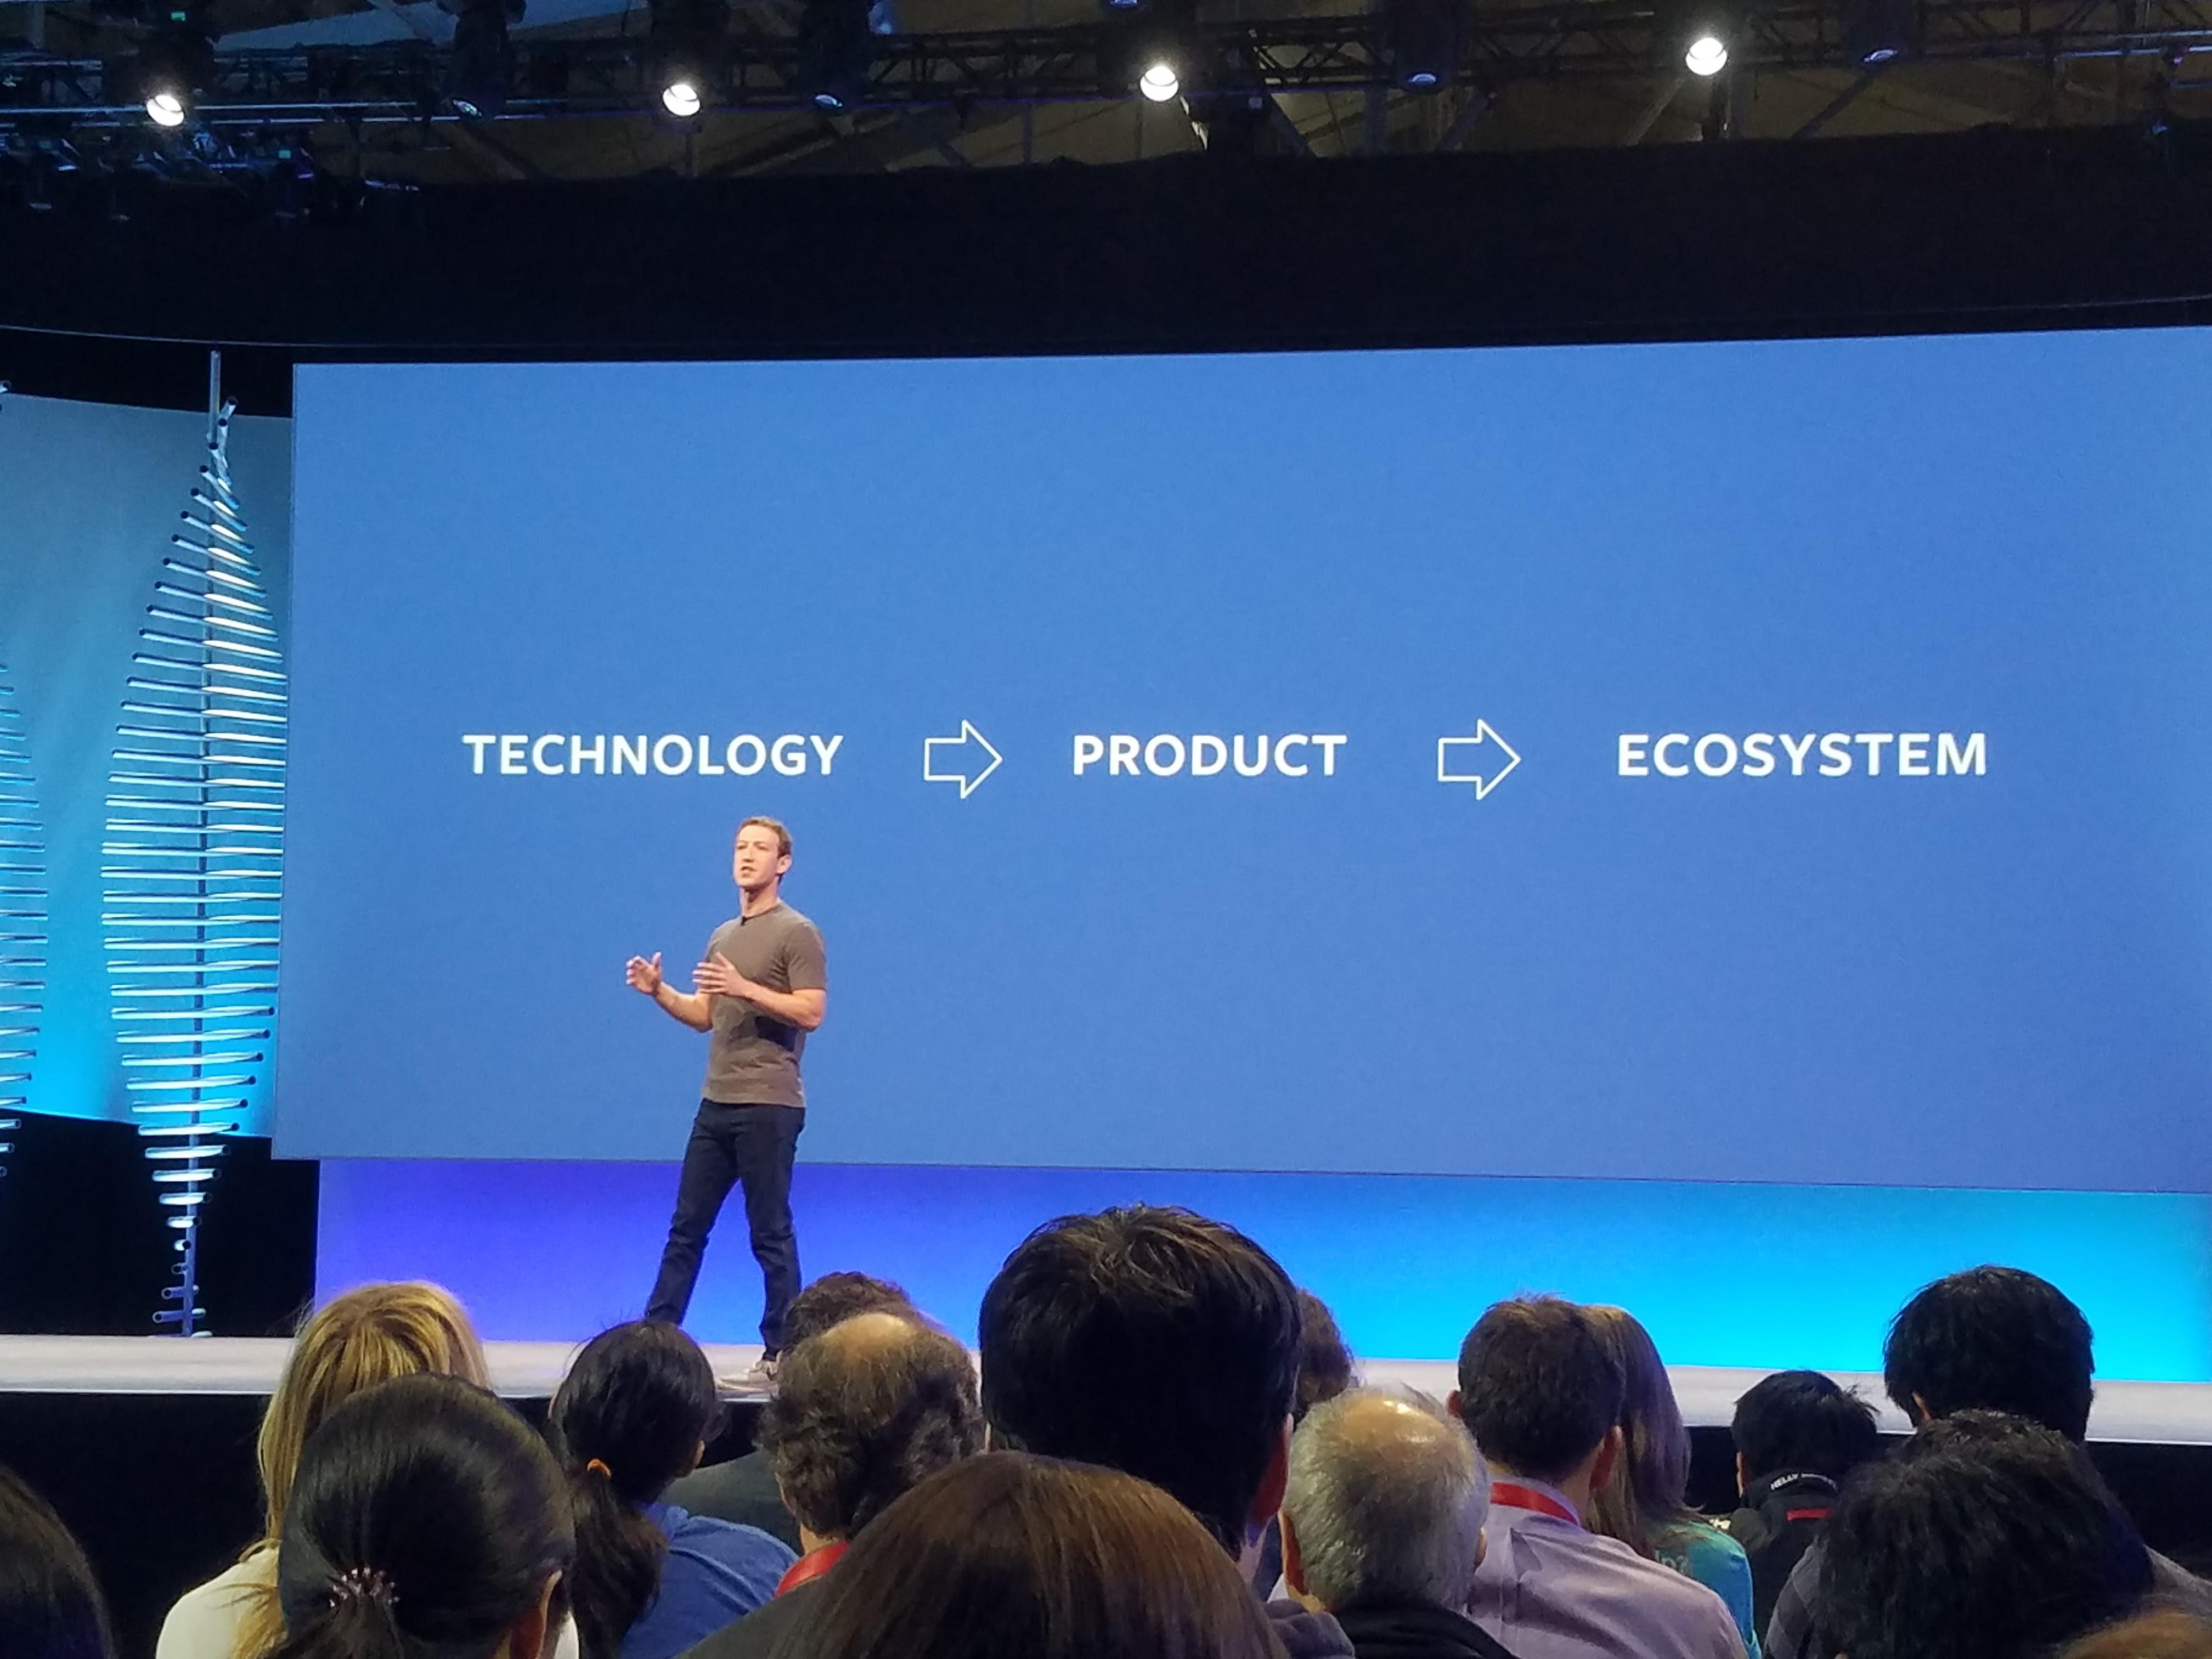 Først skaper de teknologien, deretter produktet, for så å lage et økosystem rundt det hele.